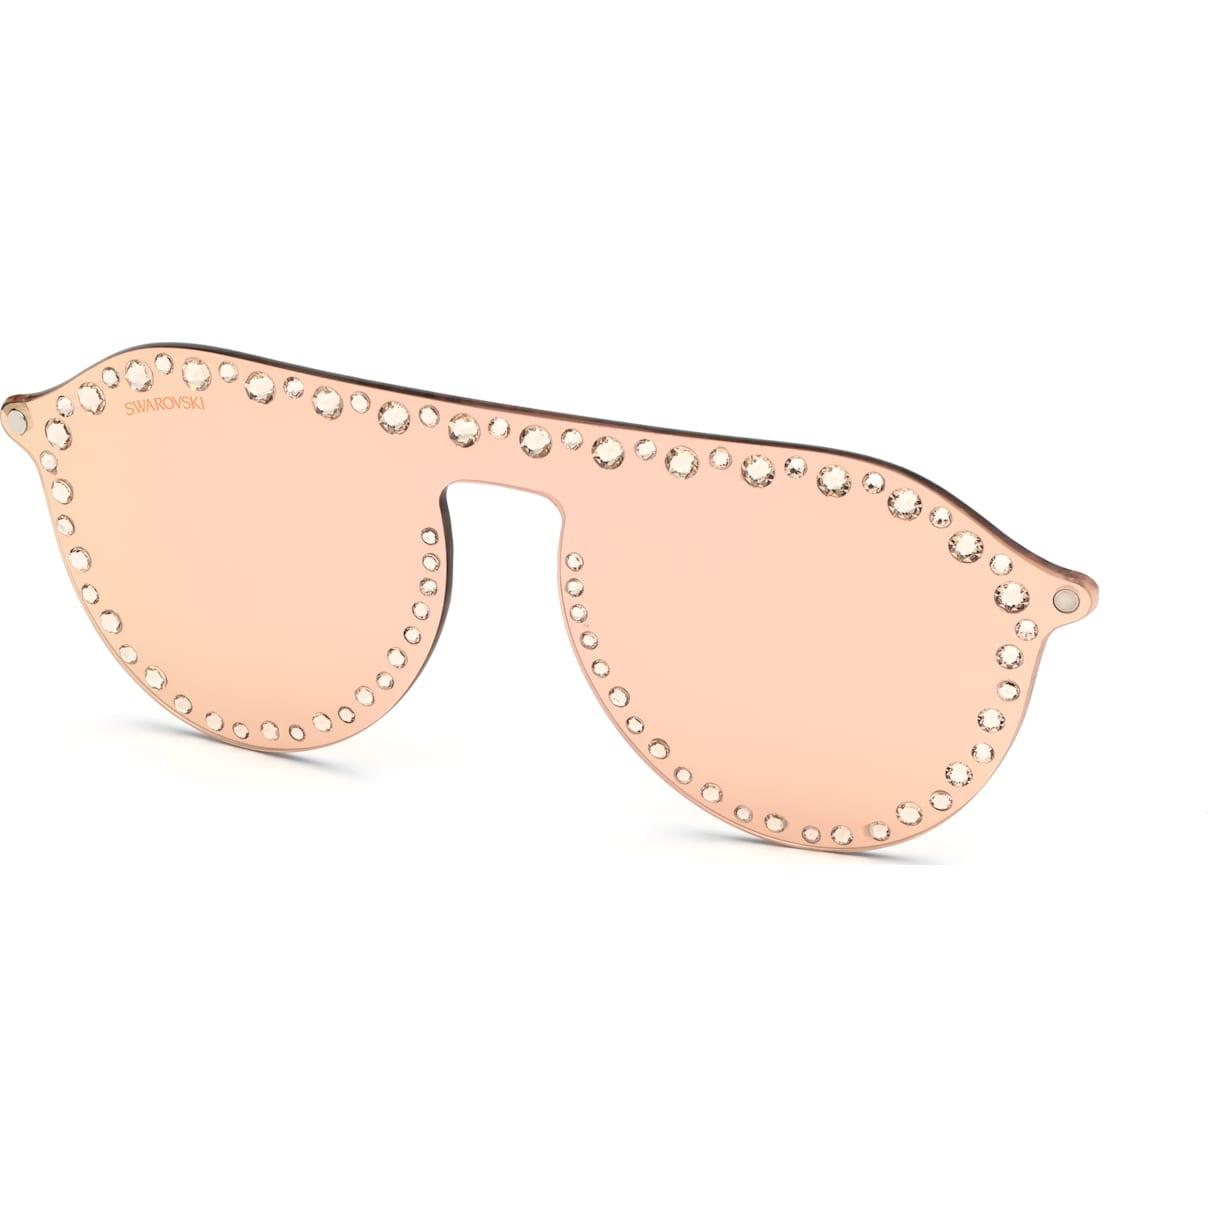 Swarovski Swarovski Click-on Mask for Sunglasses, SK5329-CL 32G, Rose